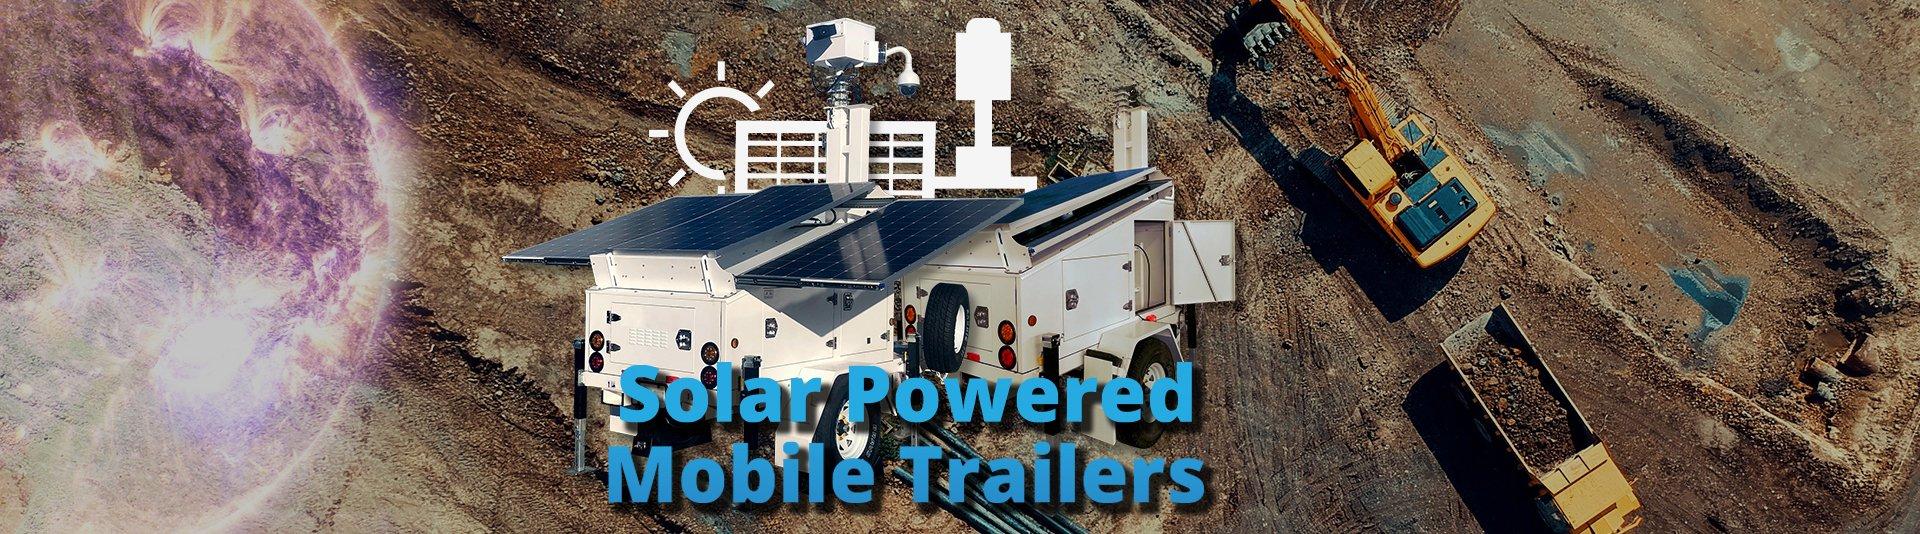 solar-power-headerb